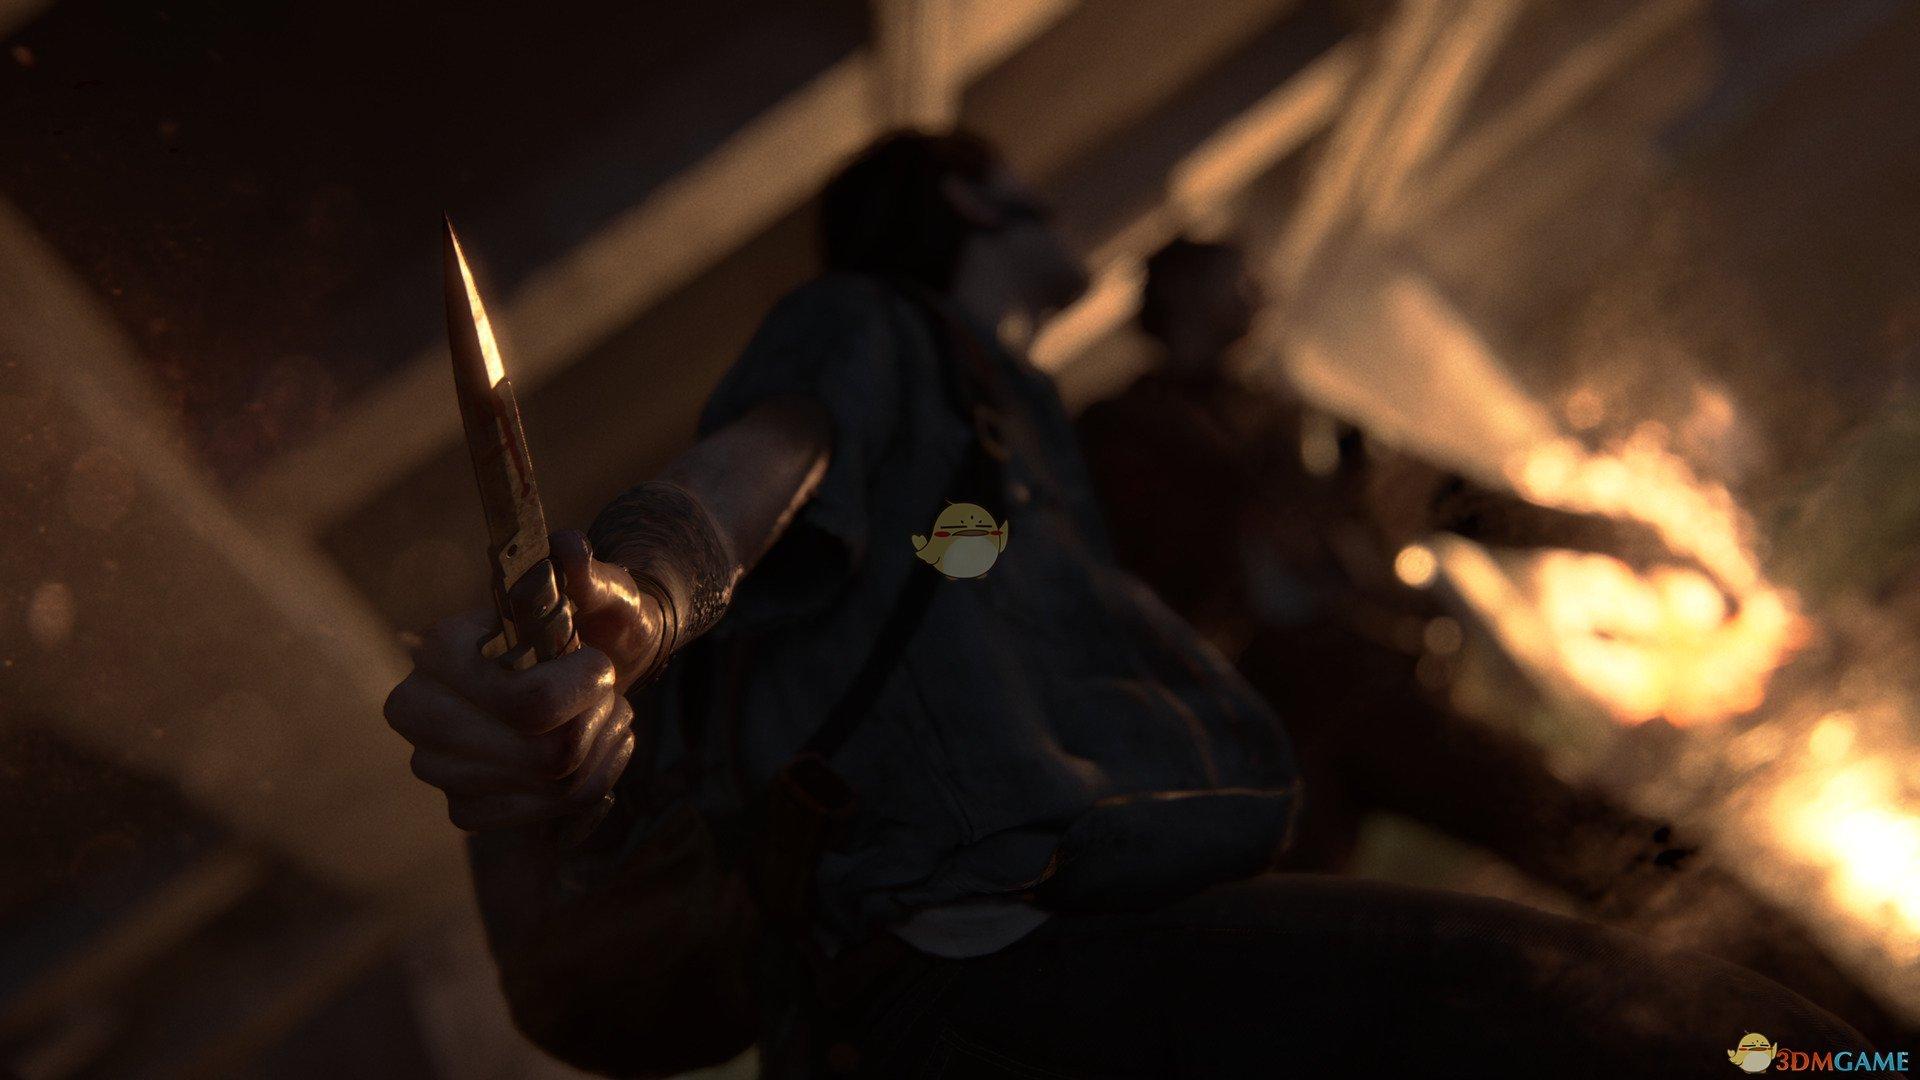 《最后的生还者2》豪华版内容一览